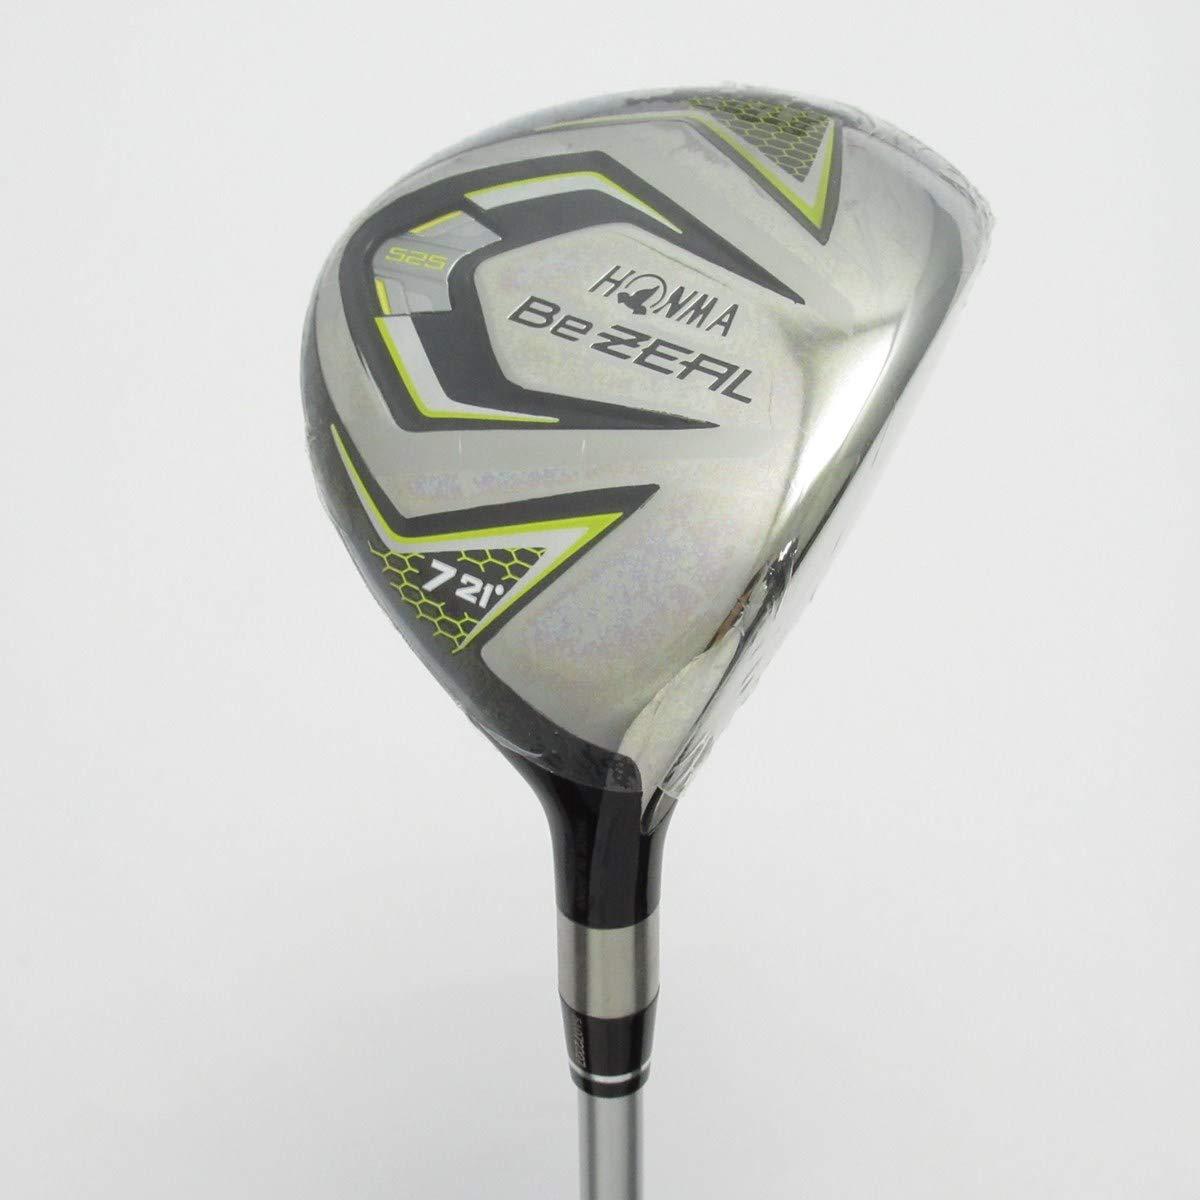 【中古】本間ゴルフ Be ZEAL Be ZEAL 525 フェアウェイウッド VIZARD for Be ZEAL 【7W】 B07SKQGZ3L  R